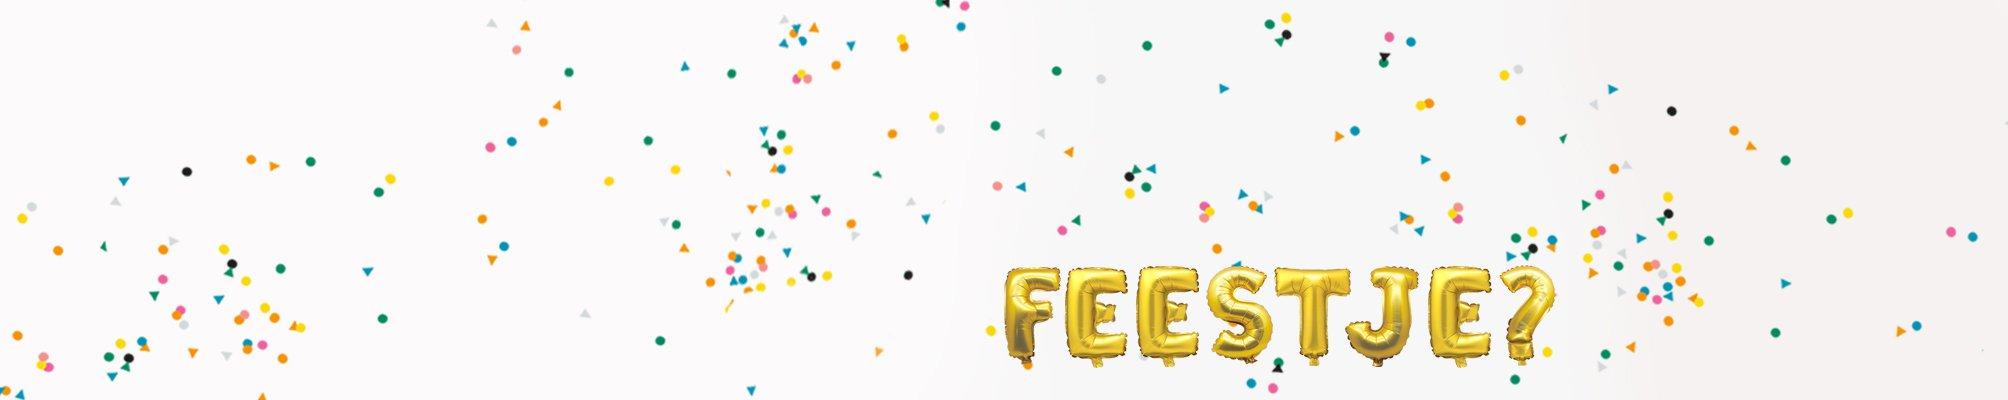 feest - Herobanner - HEMA